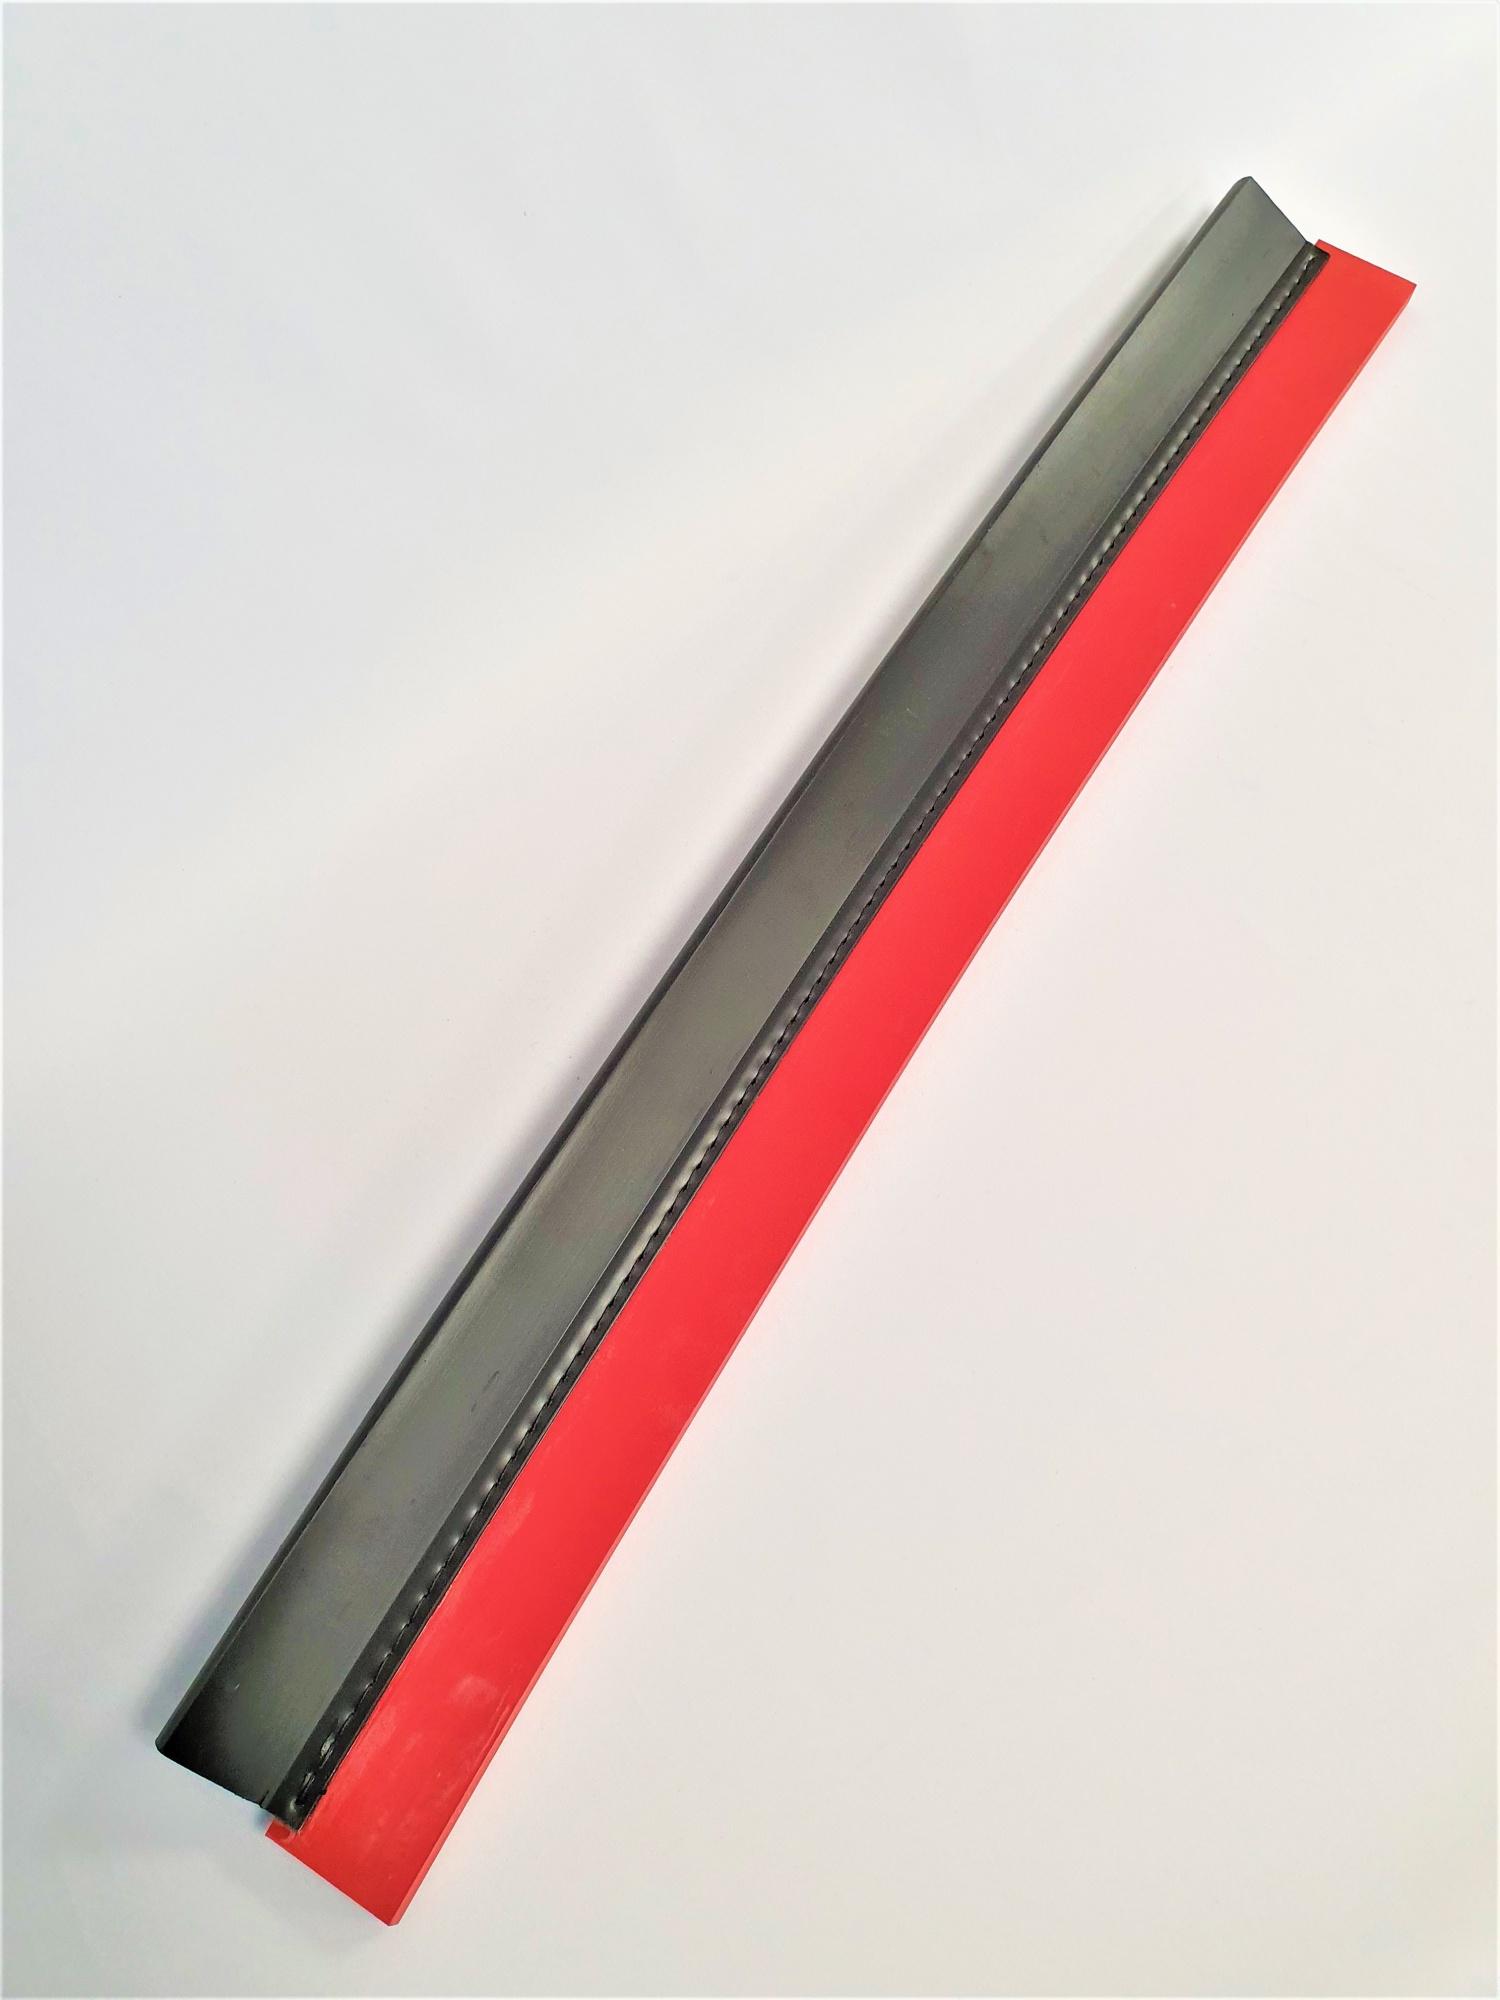 Bavette latérale droite pour Autolaveuse TENNANT 7100 / 80